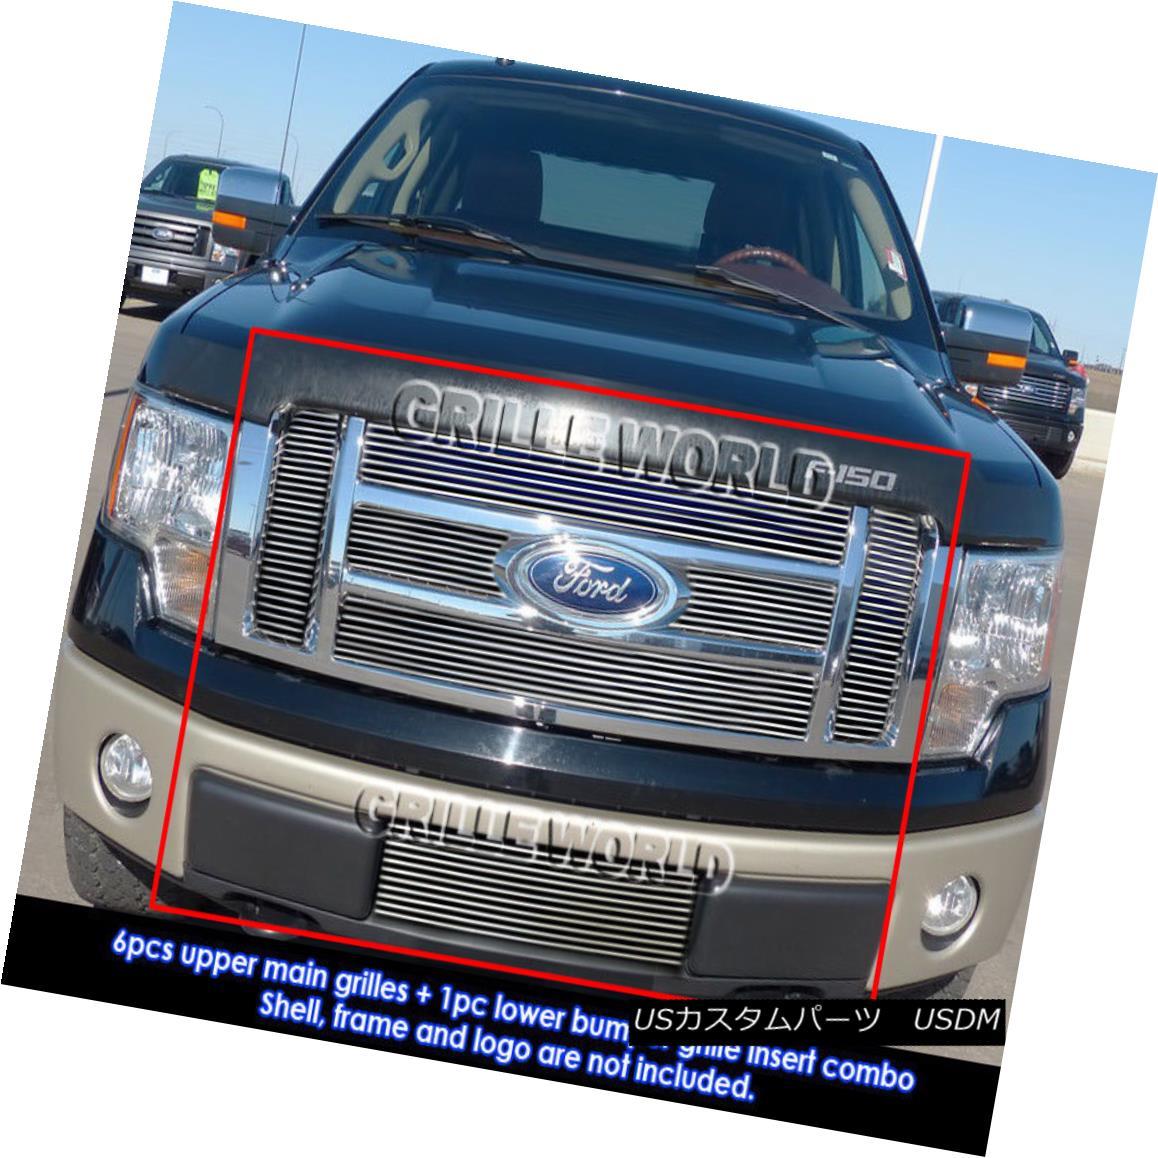 グリル For 2009-2012 Ford F150 Lariat/King Ranch Billet Grille Grill Insert Combo 2009?2012年フォードF150ラリアット/キングランチビレットグリルグリルインサートコンボ